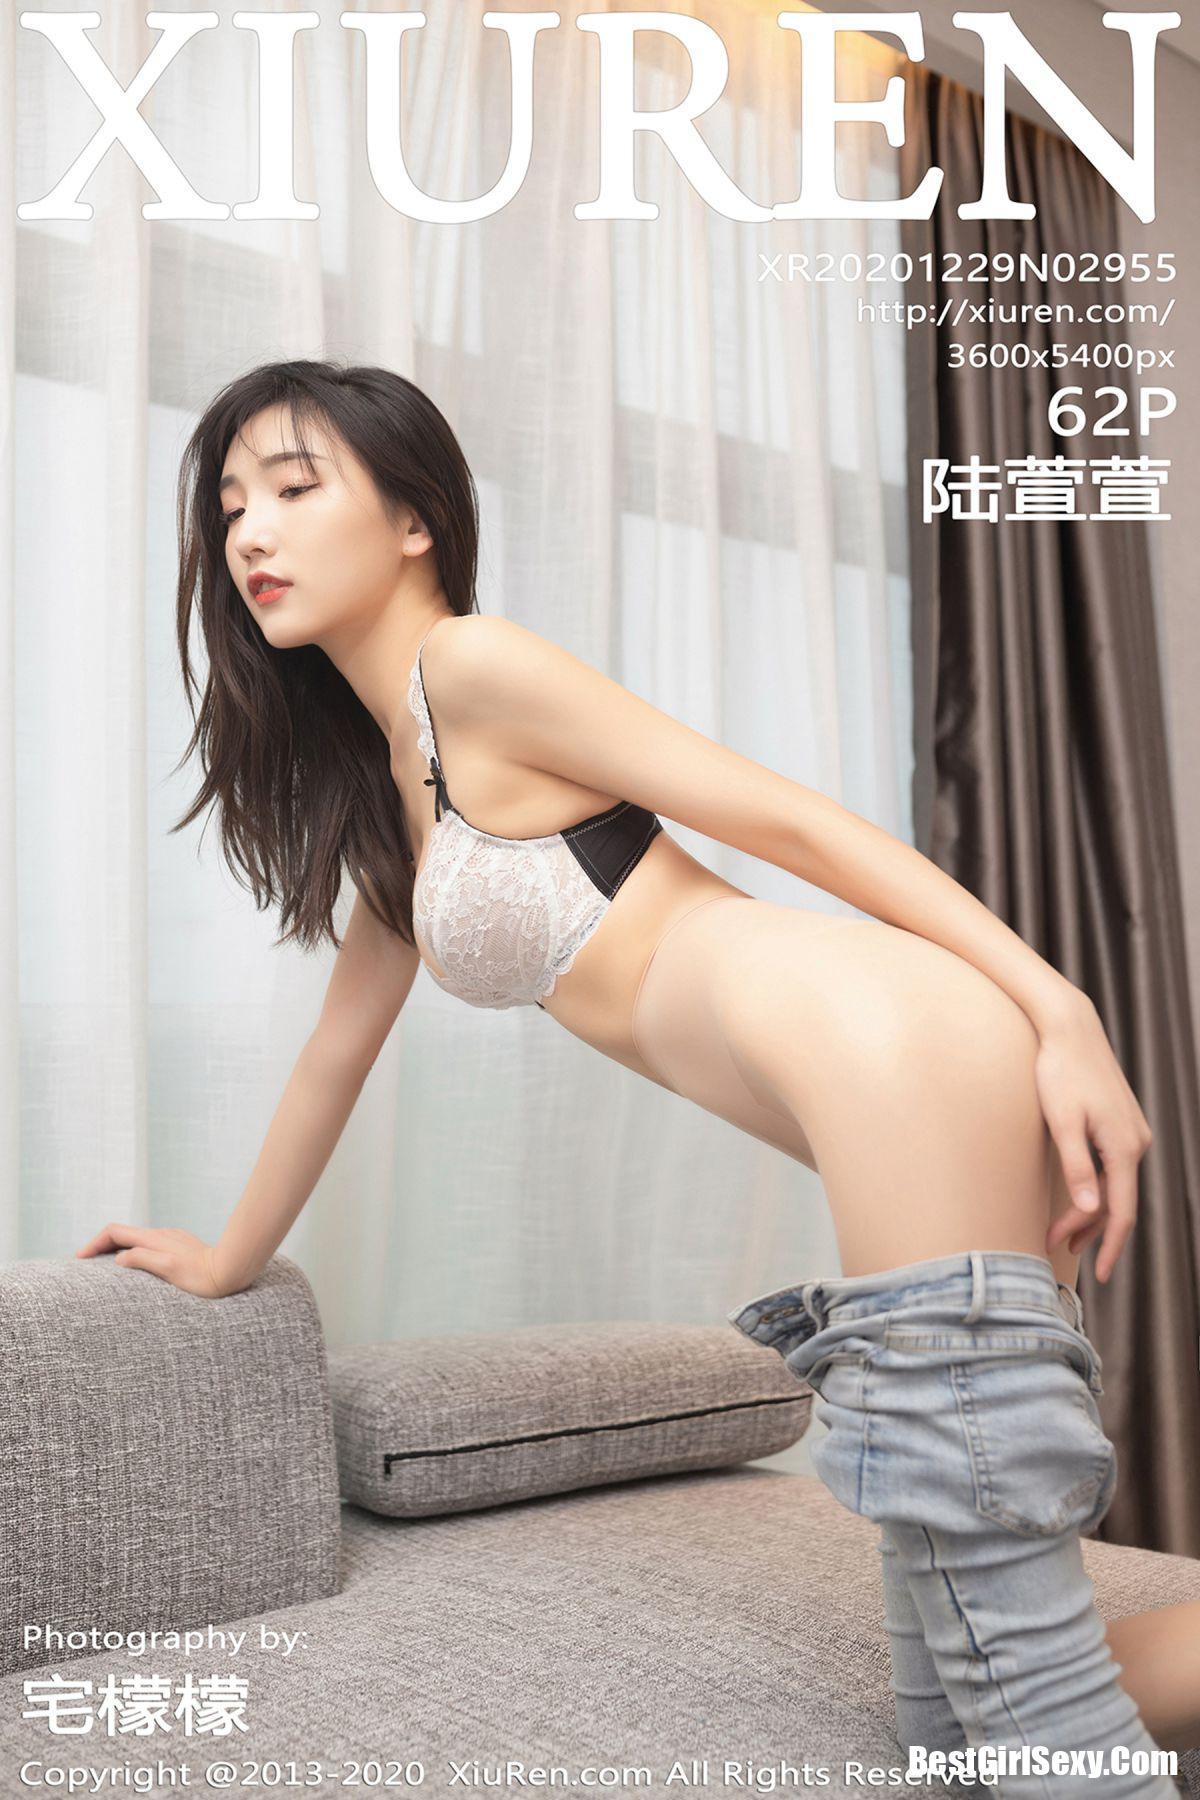 XiuRen秀人网 No.2955 Lu Xuan Xuan